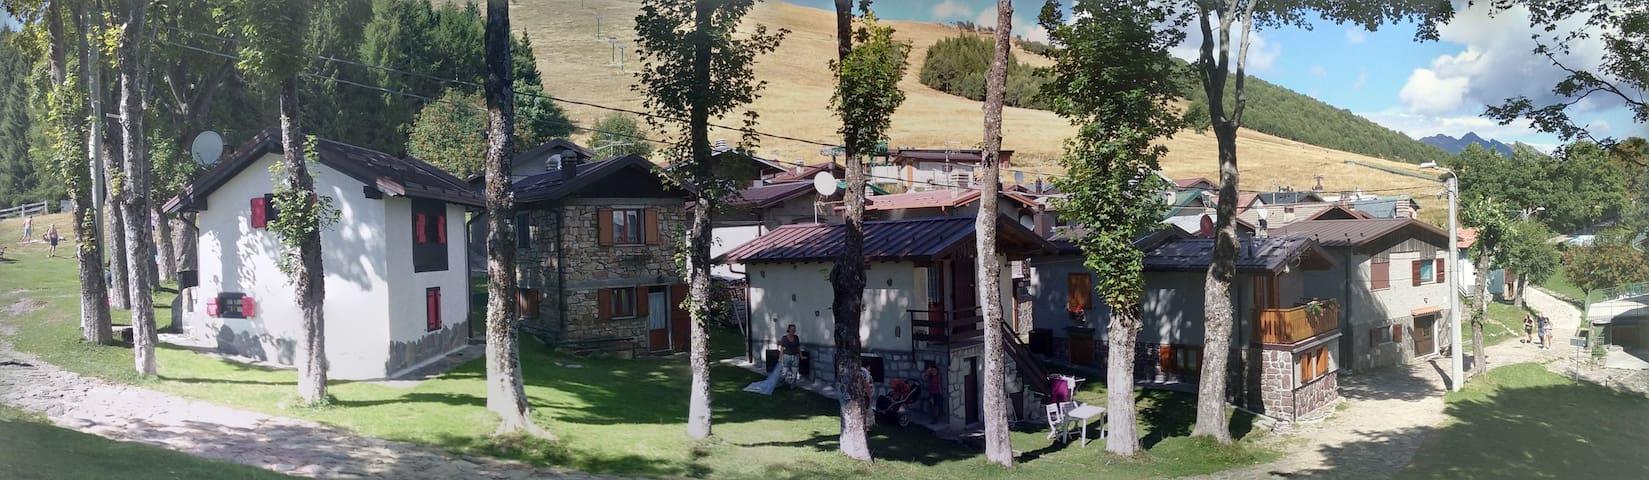 baita in paradiso incontaminato - Giumello - Hytte (i sveitsisk stil)